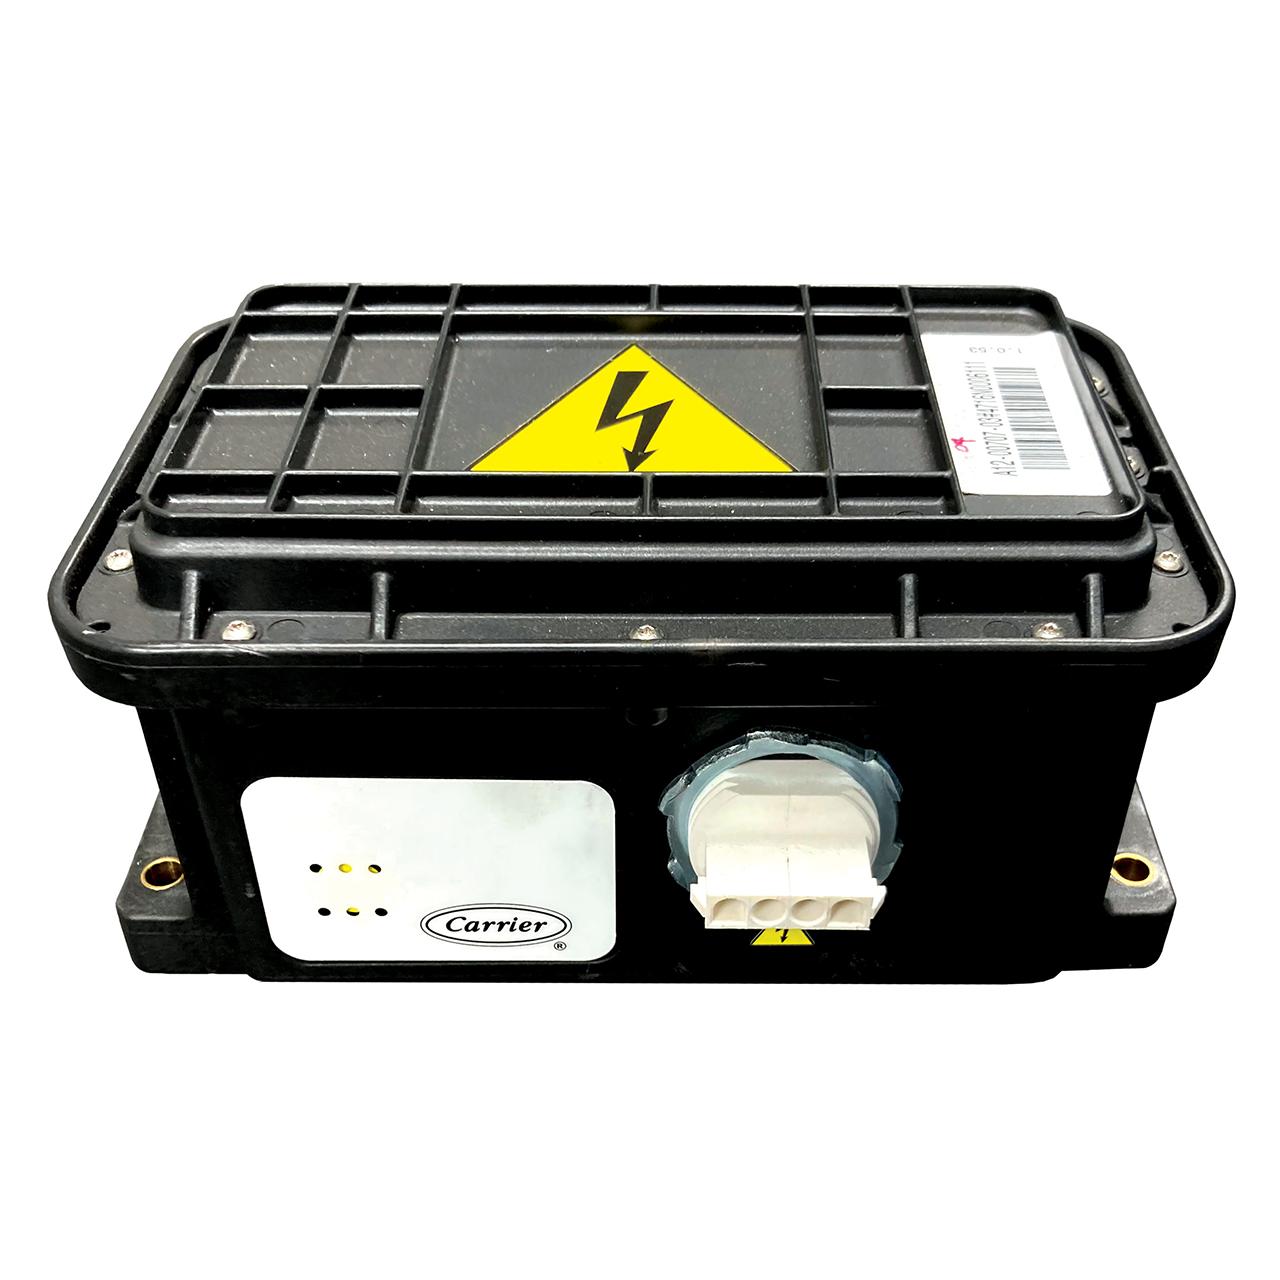 genset-2-way-controller-1280x1280